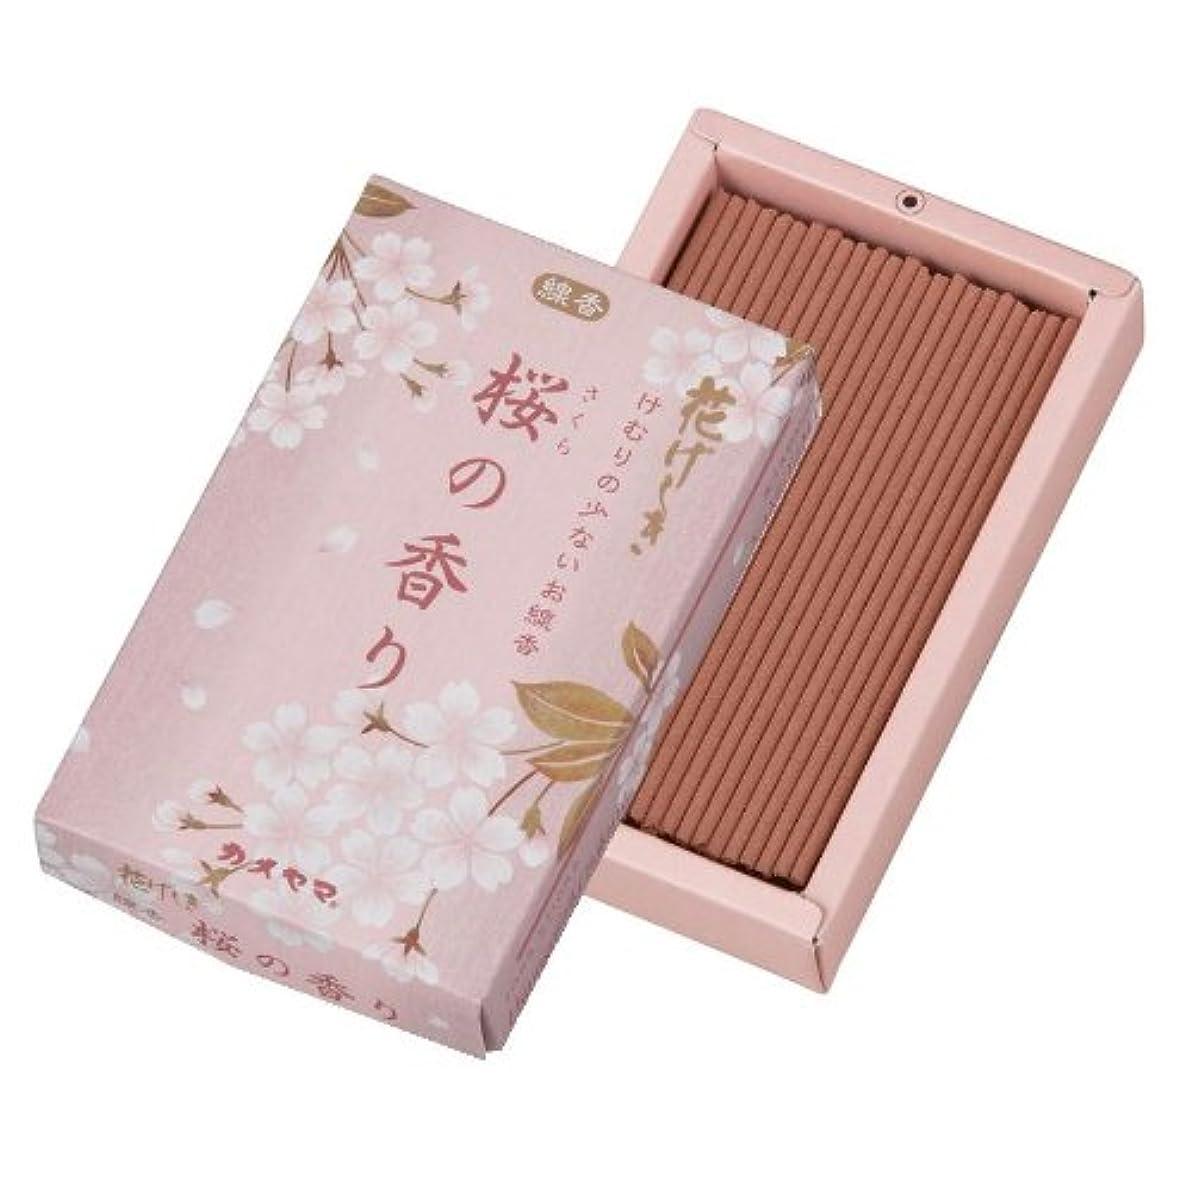 どうしたの目を覚ます素子花げしき 桜の香りミニ寸 50g